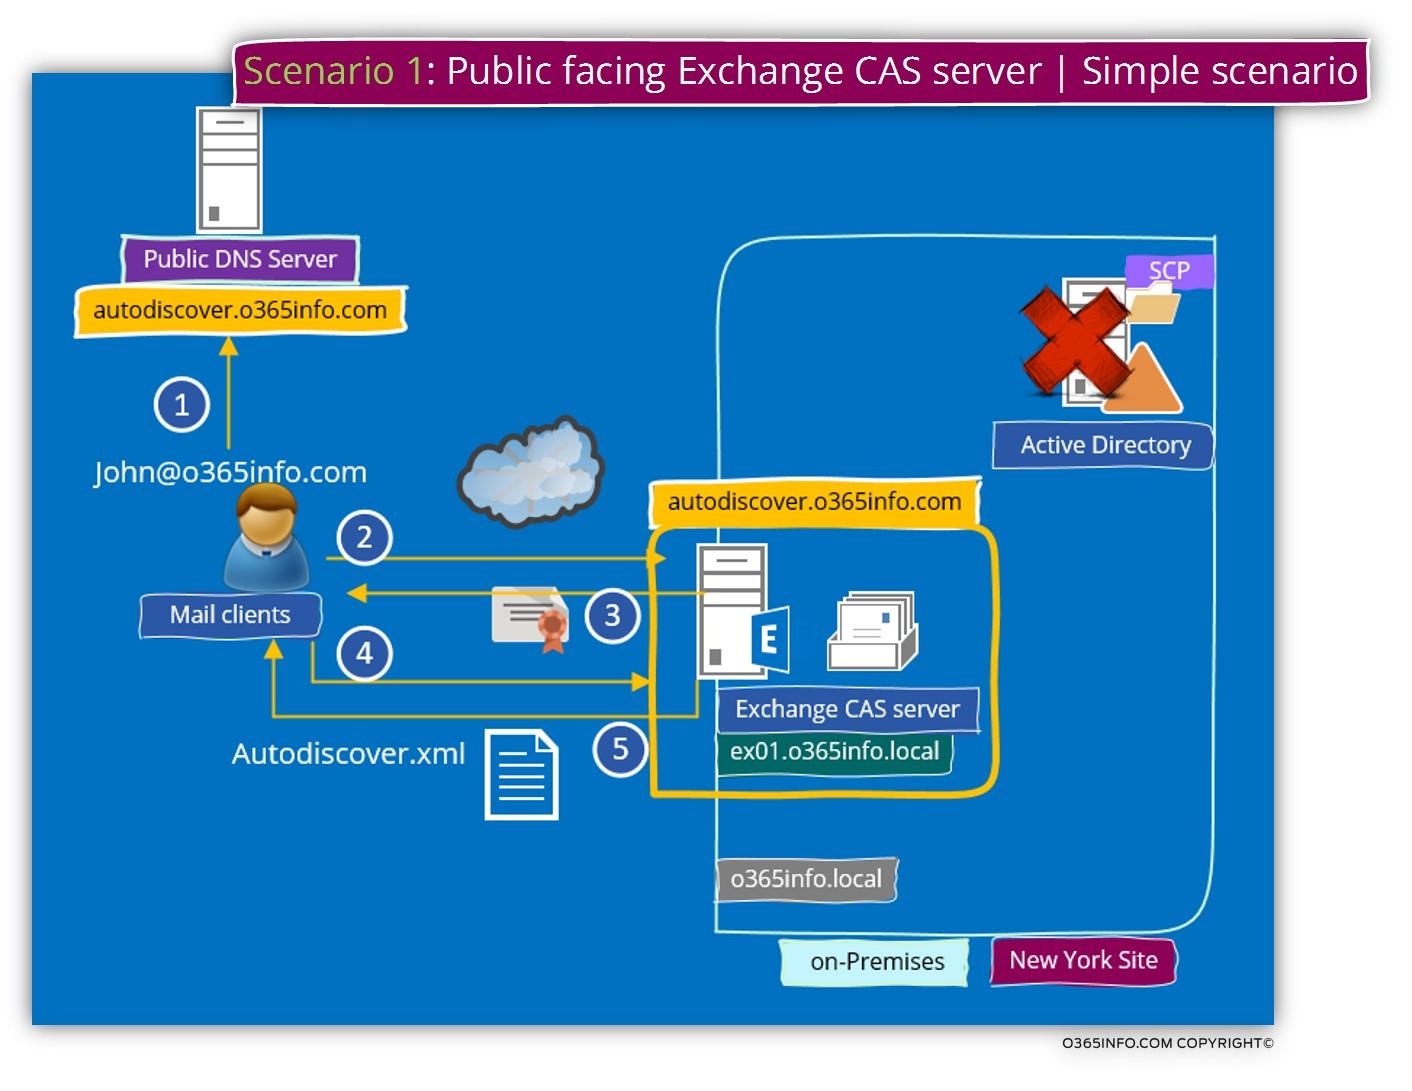 Scenario 1 - Public facing Exchange CAS server - Simple scenario-01